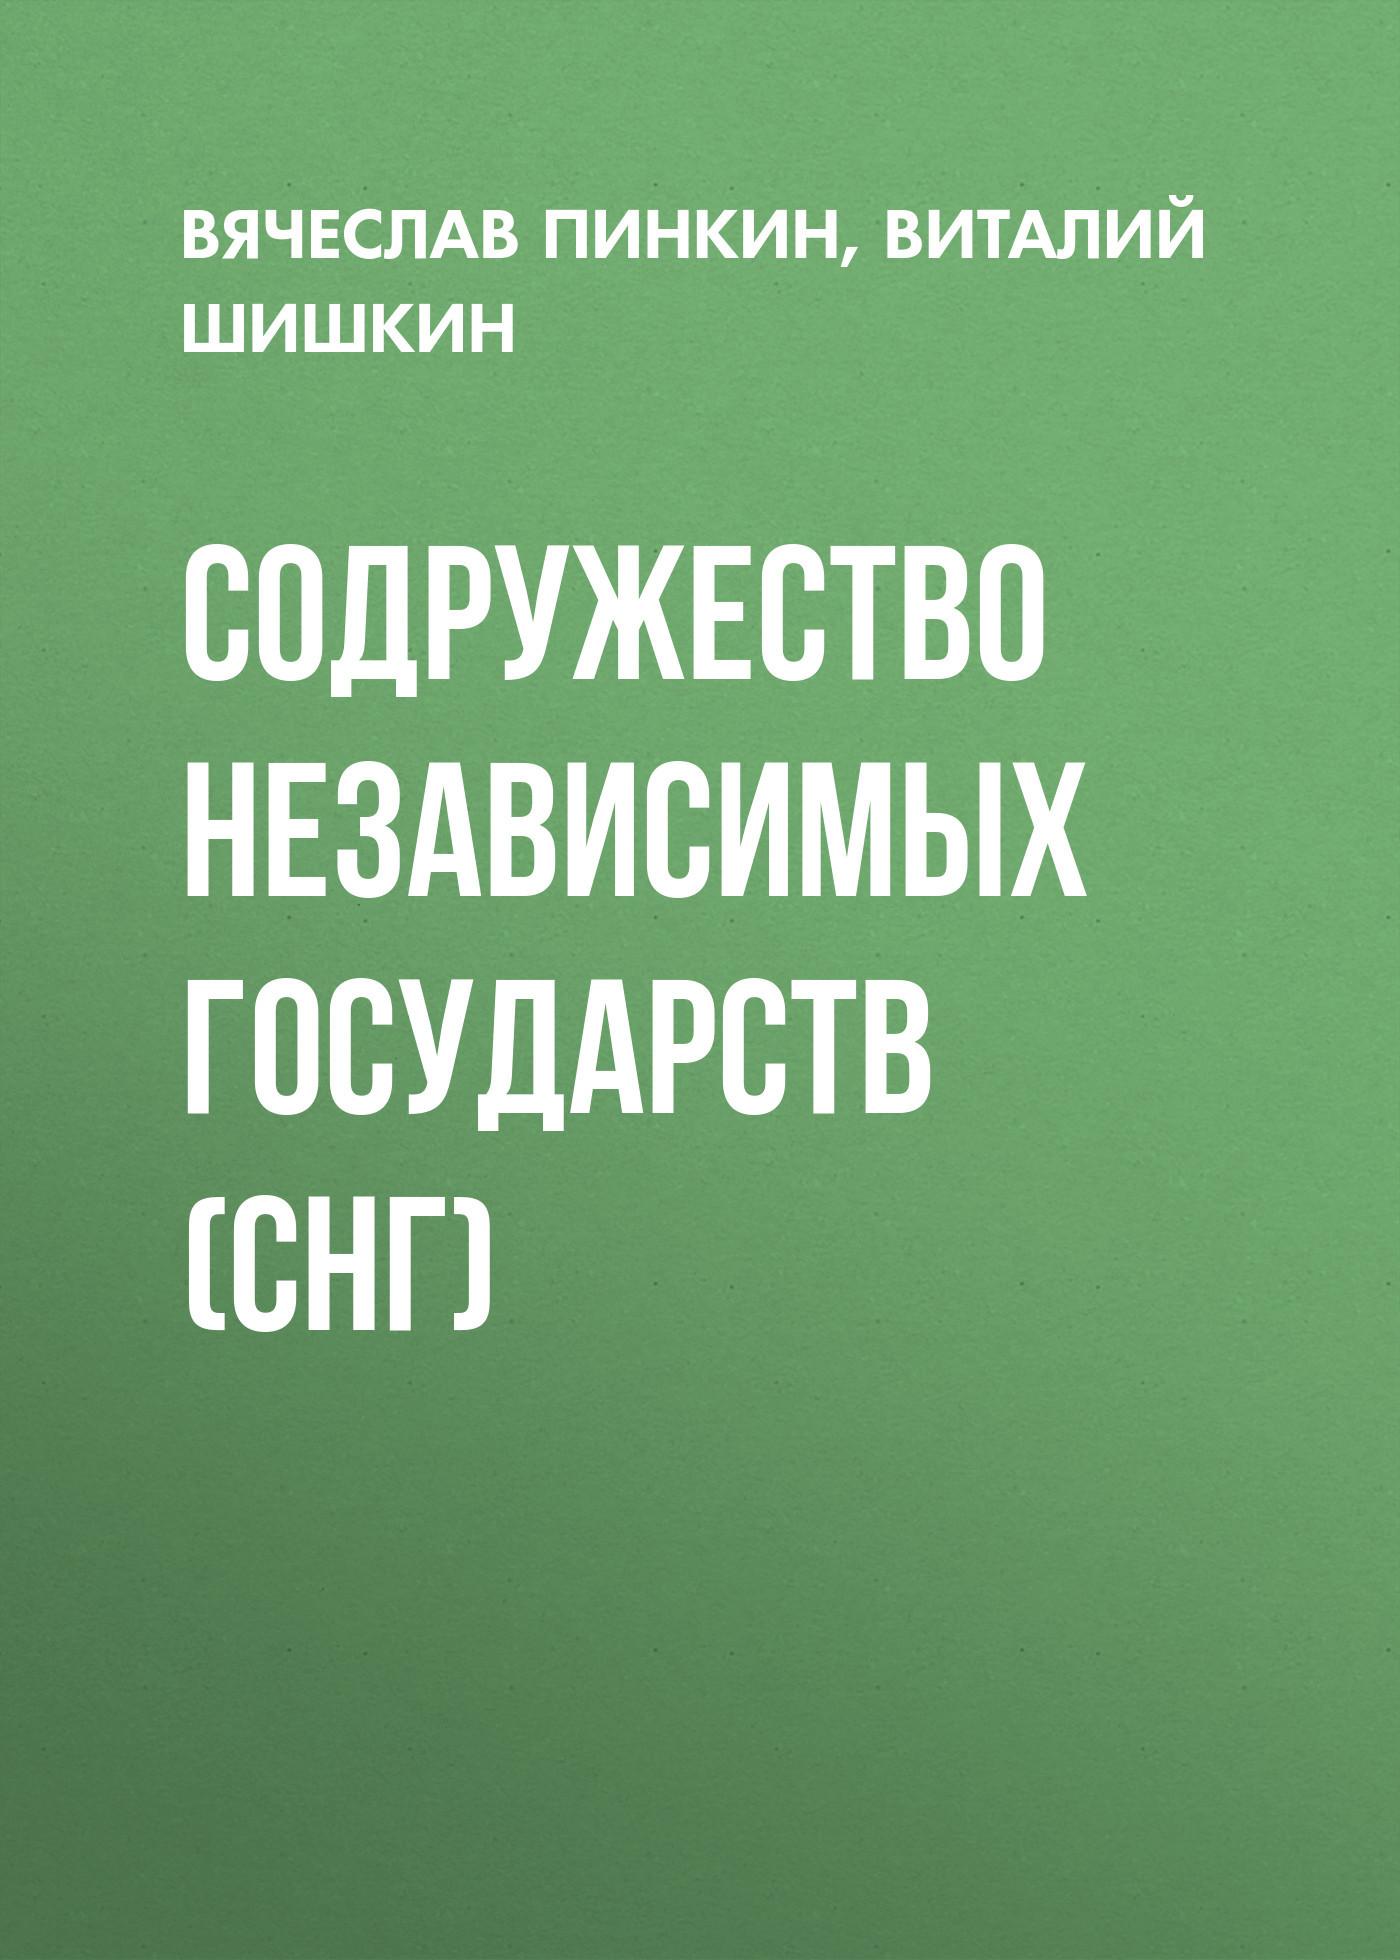 Вячеслав Пинкин Содружество Независимых Государств (СНГ)